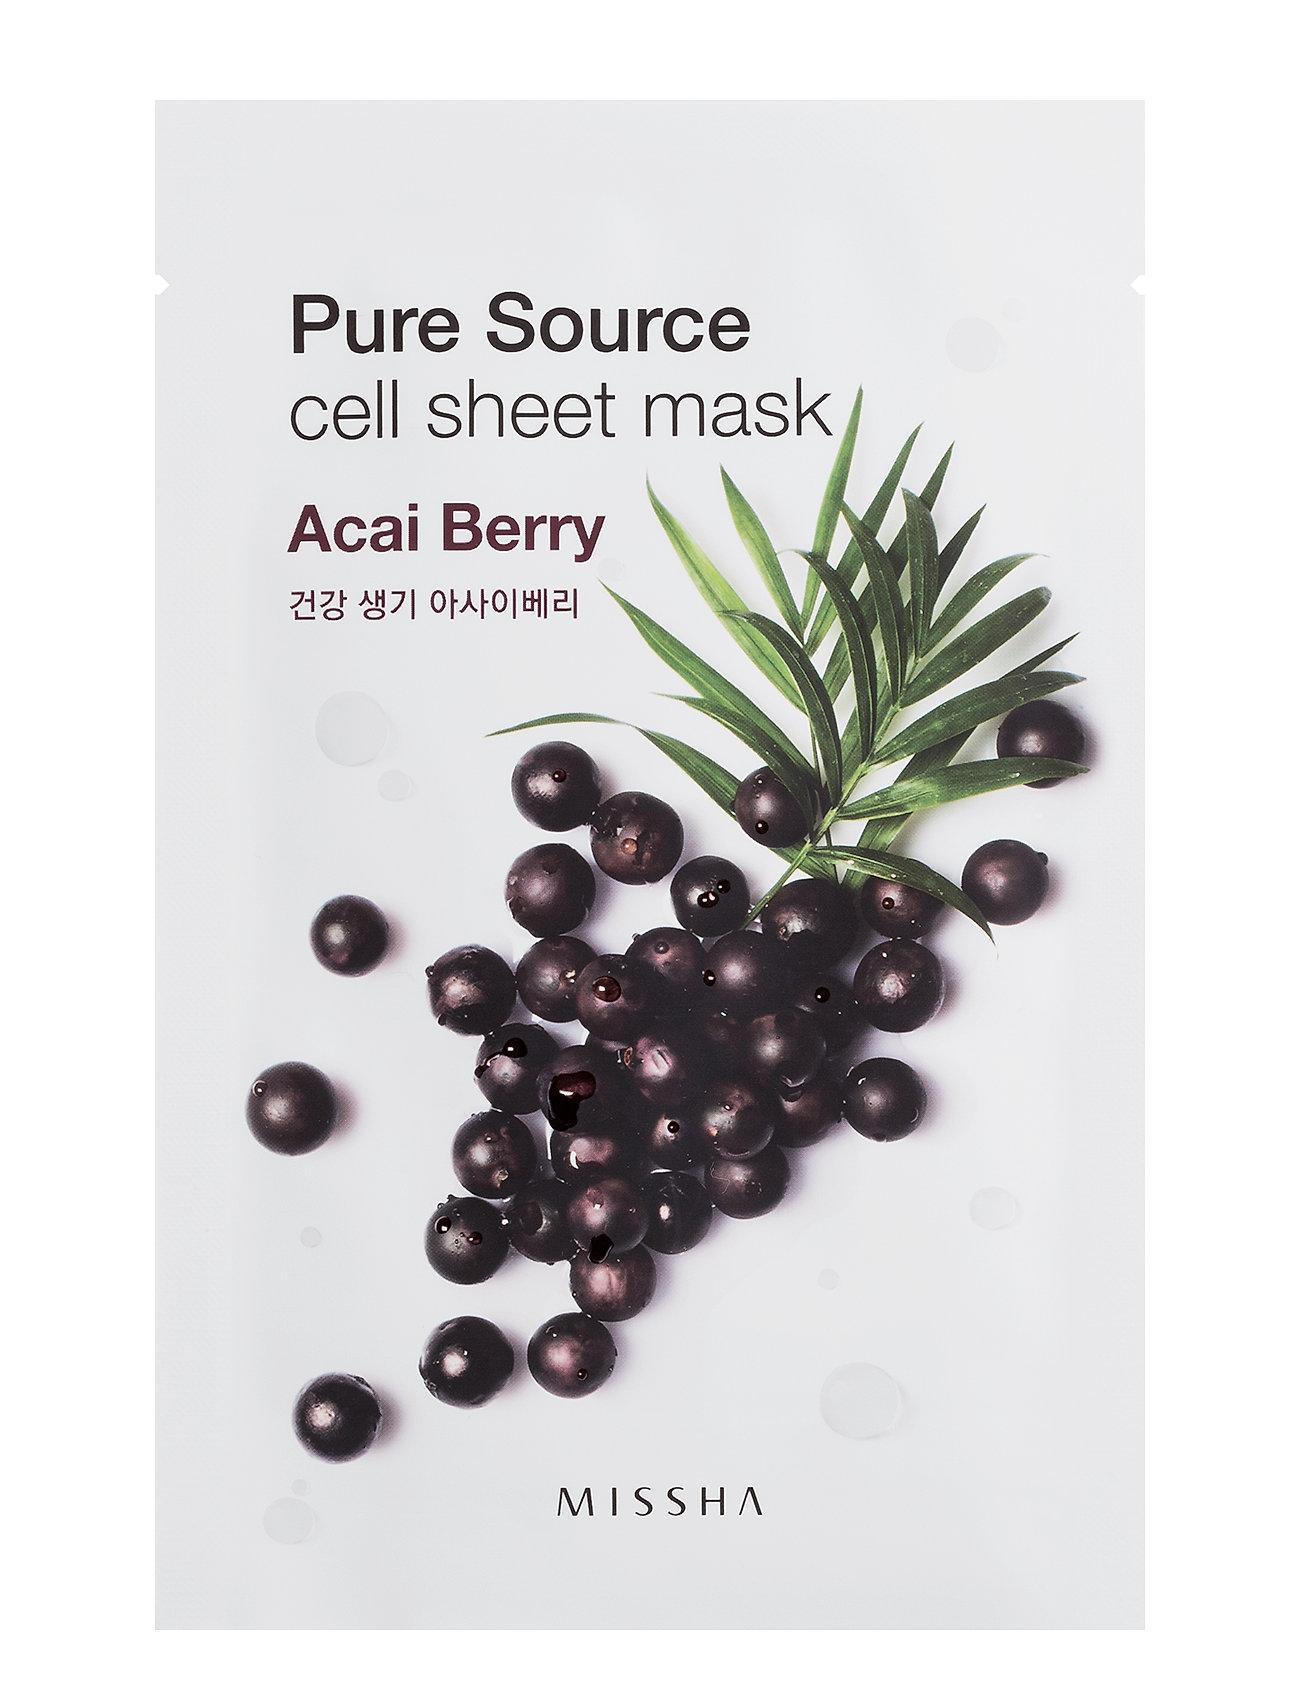 Missha Pure Source Cell Sheet Mask (Acai Berry) - Missha